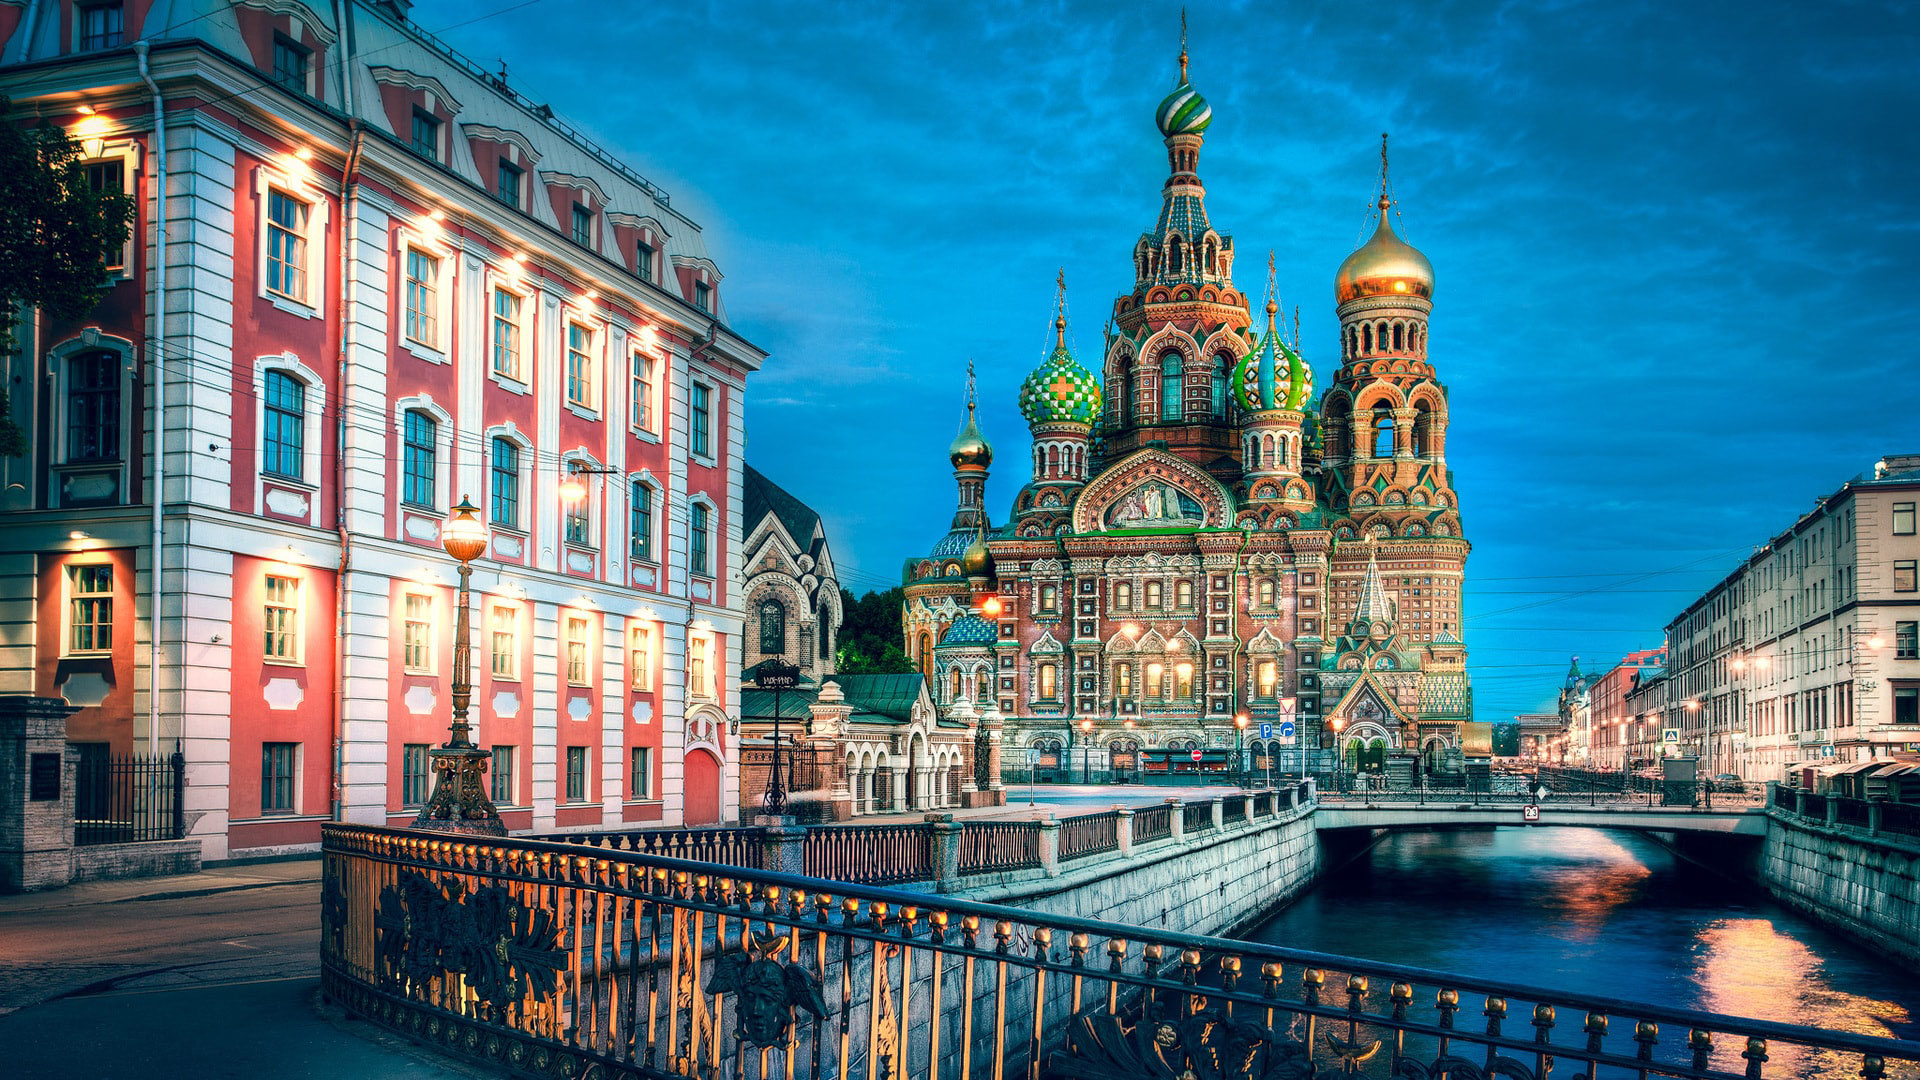 28η Οκτωβρίου - Μόσχα / Αγία Πετρούπολη